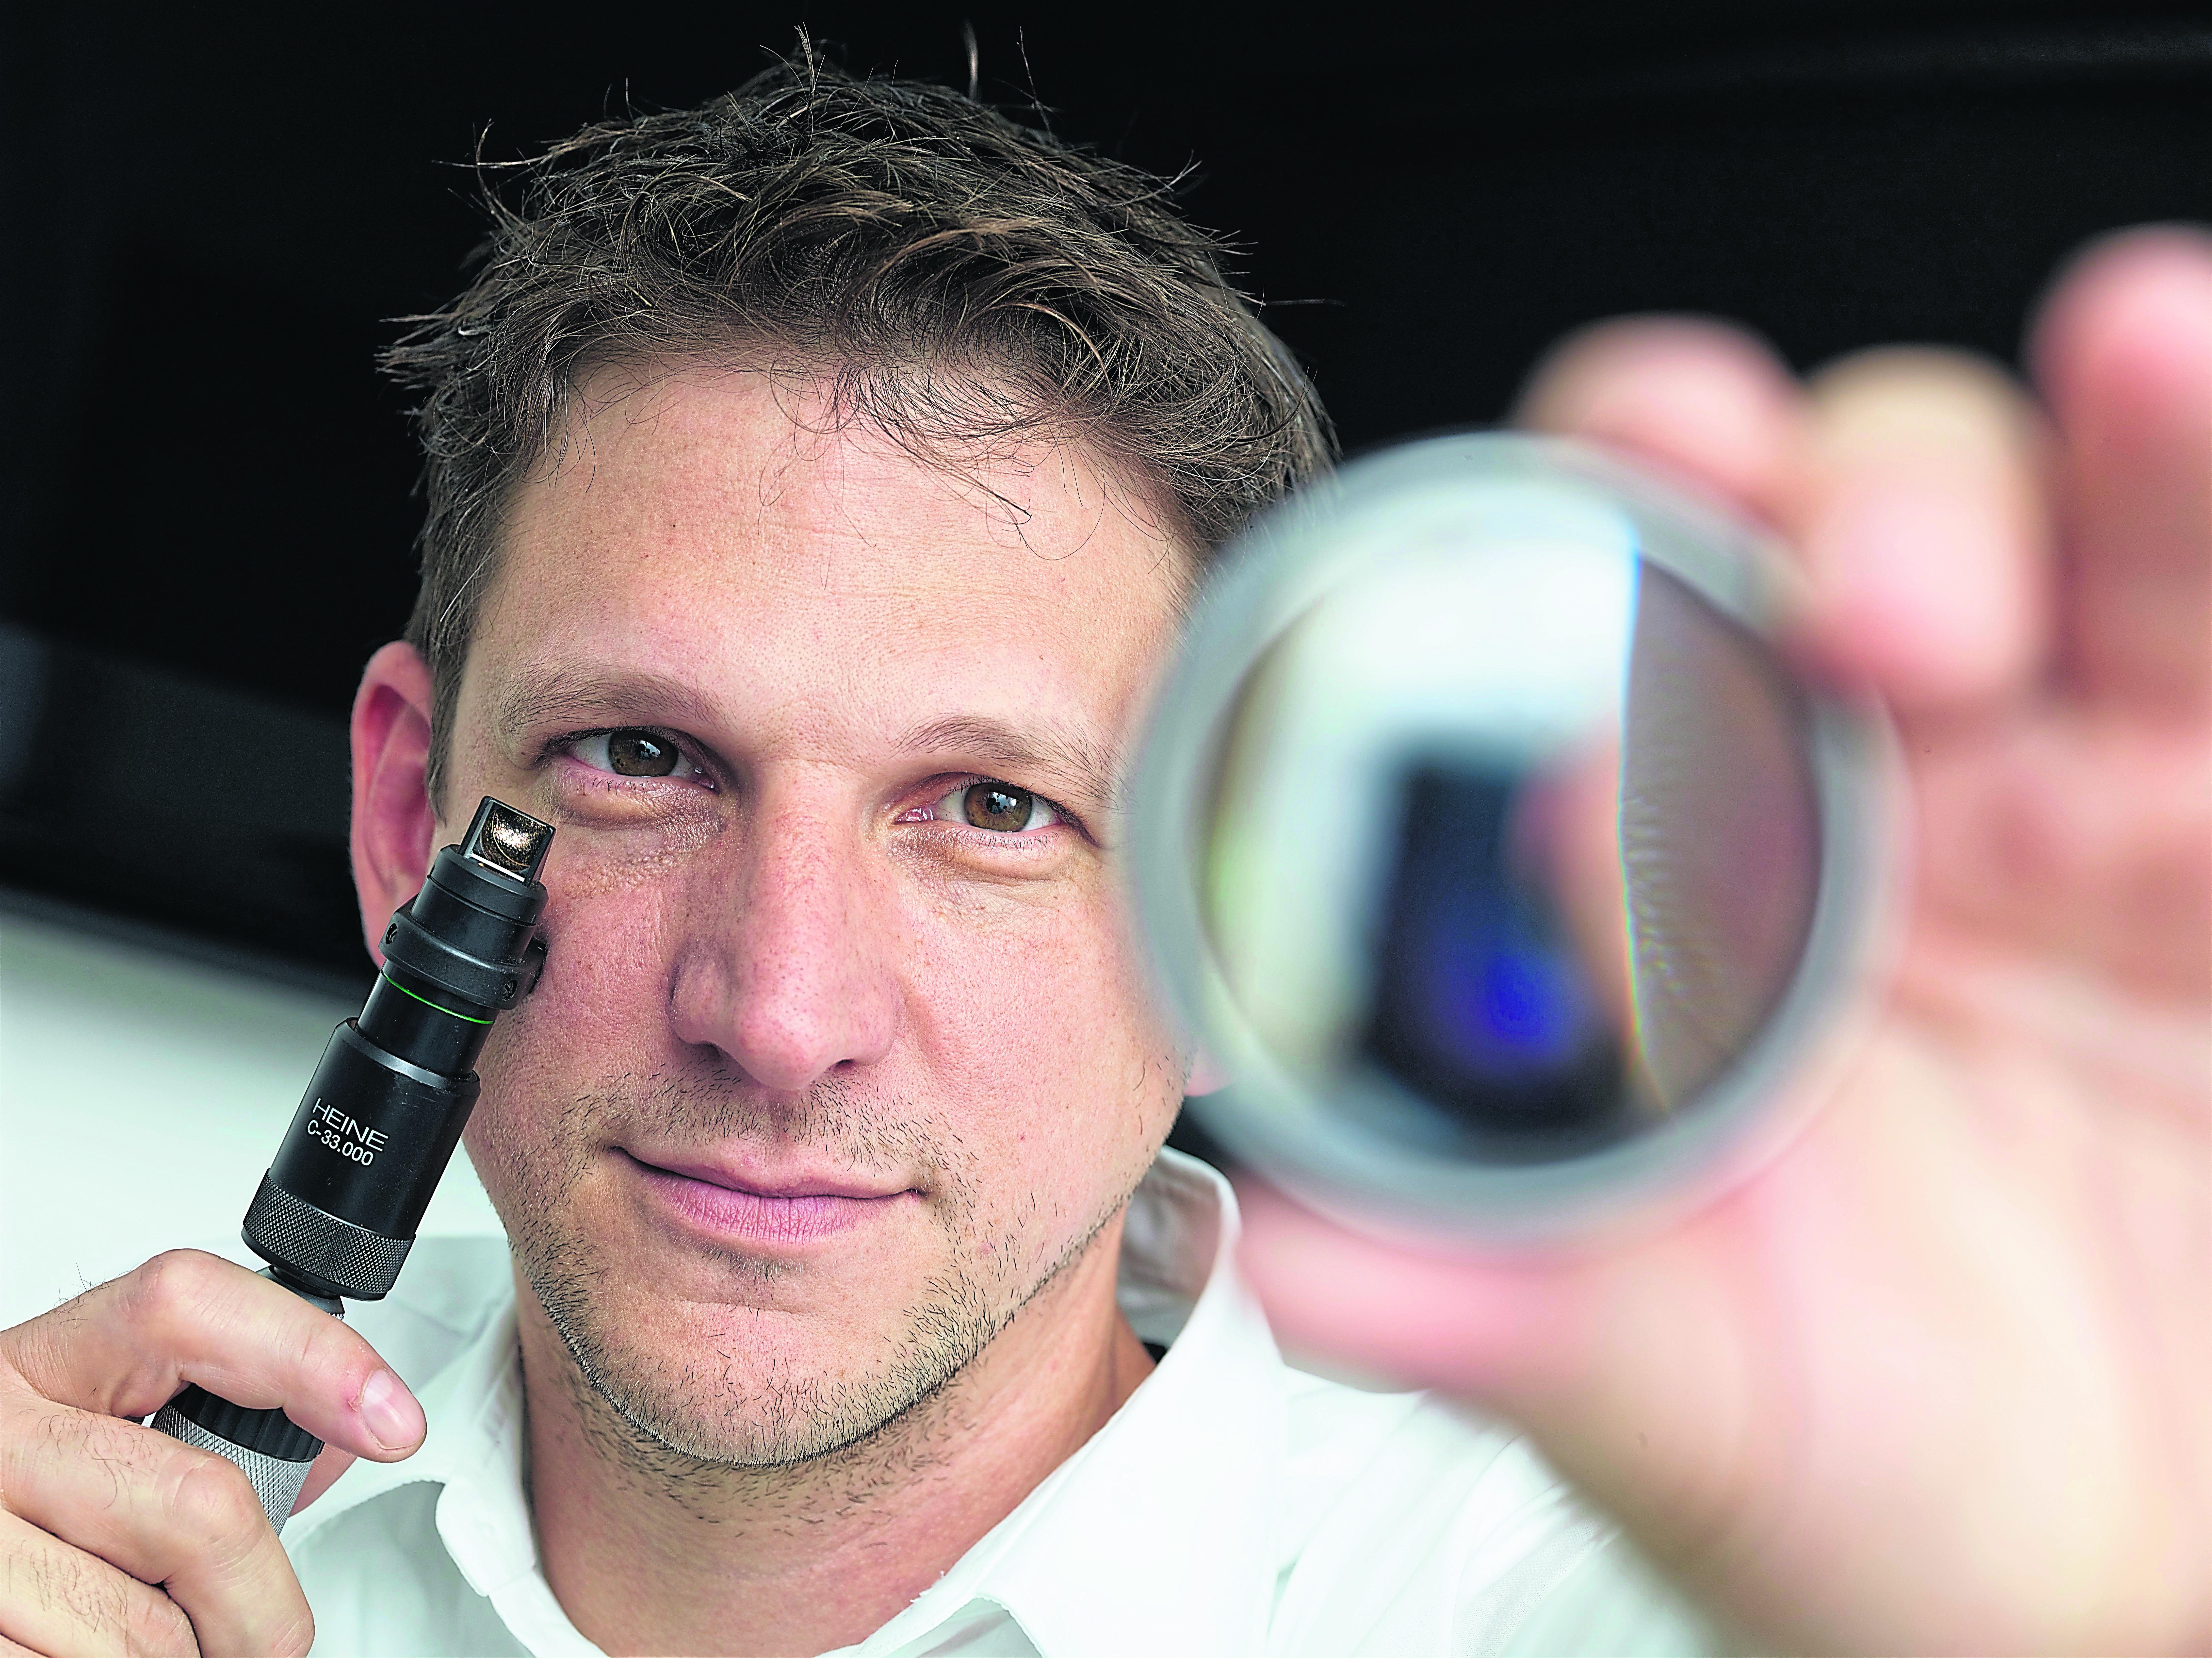 Dr. med. univ. Elmar Winsauer, Facharzt für Augenheilkunde, ärztliche Leitung OSG Augenzentrum Düsseldorf